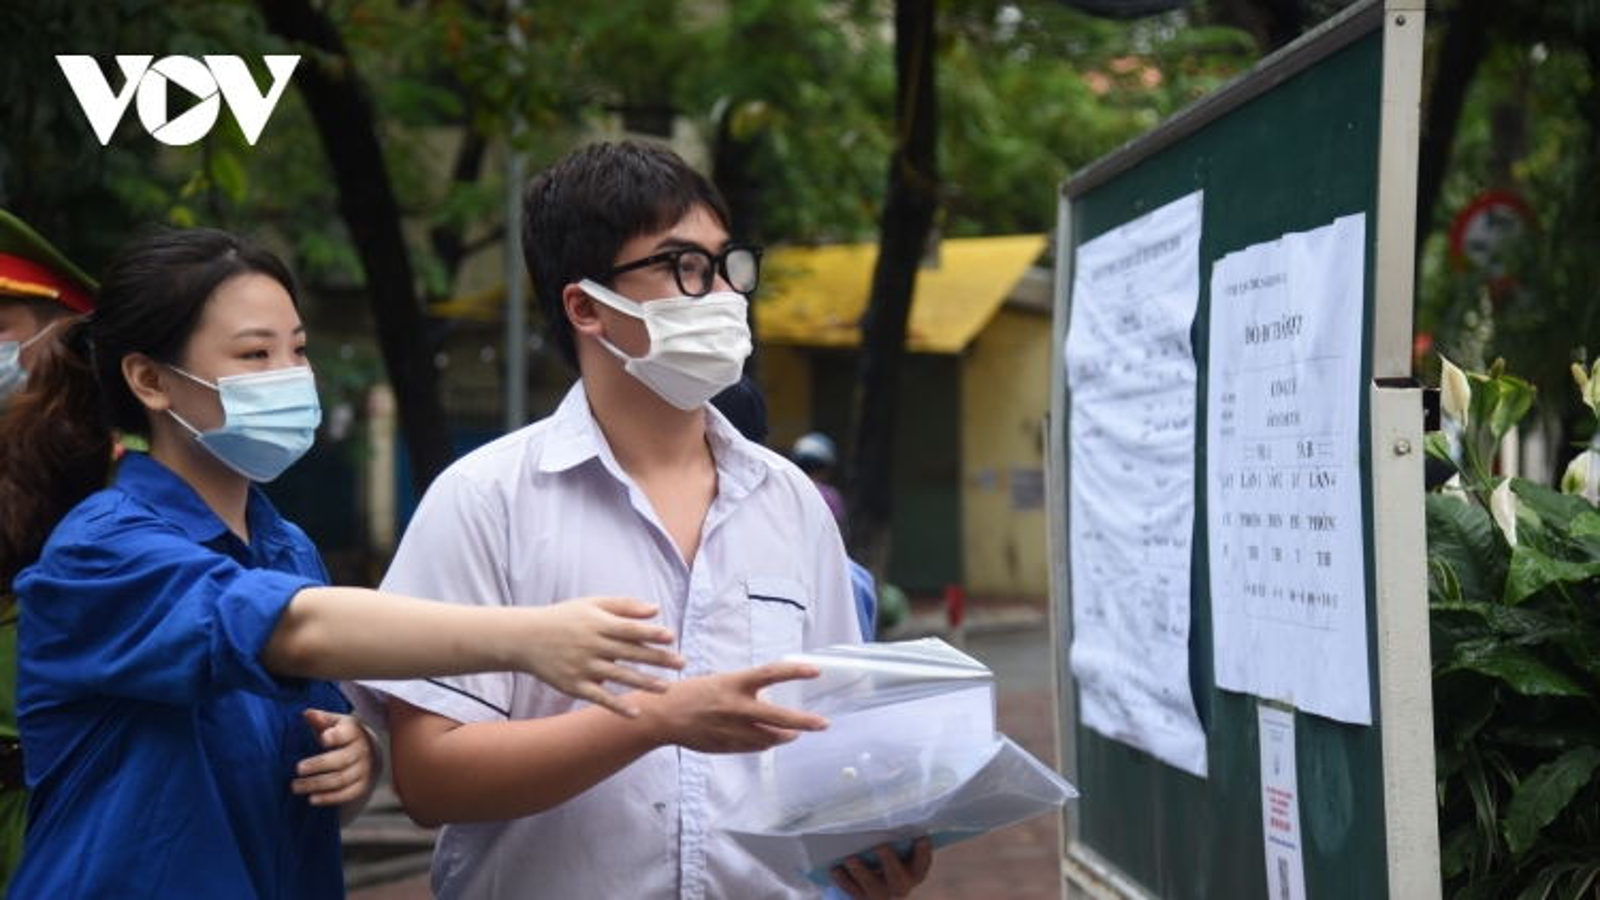 Hà Nội công bố điểm chuẩn lớp 10 THPT chuyên năm 2021